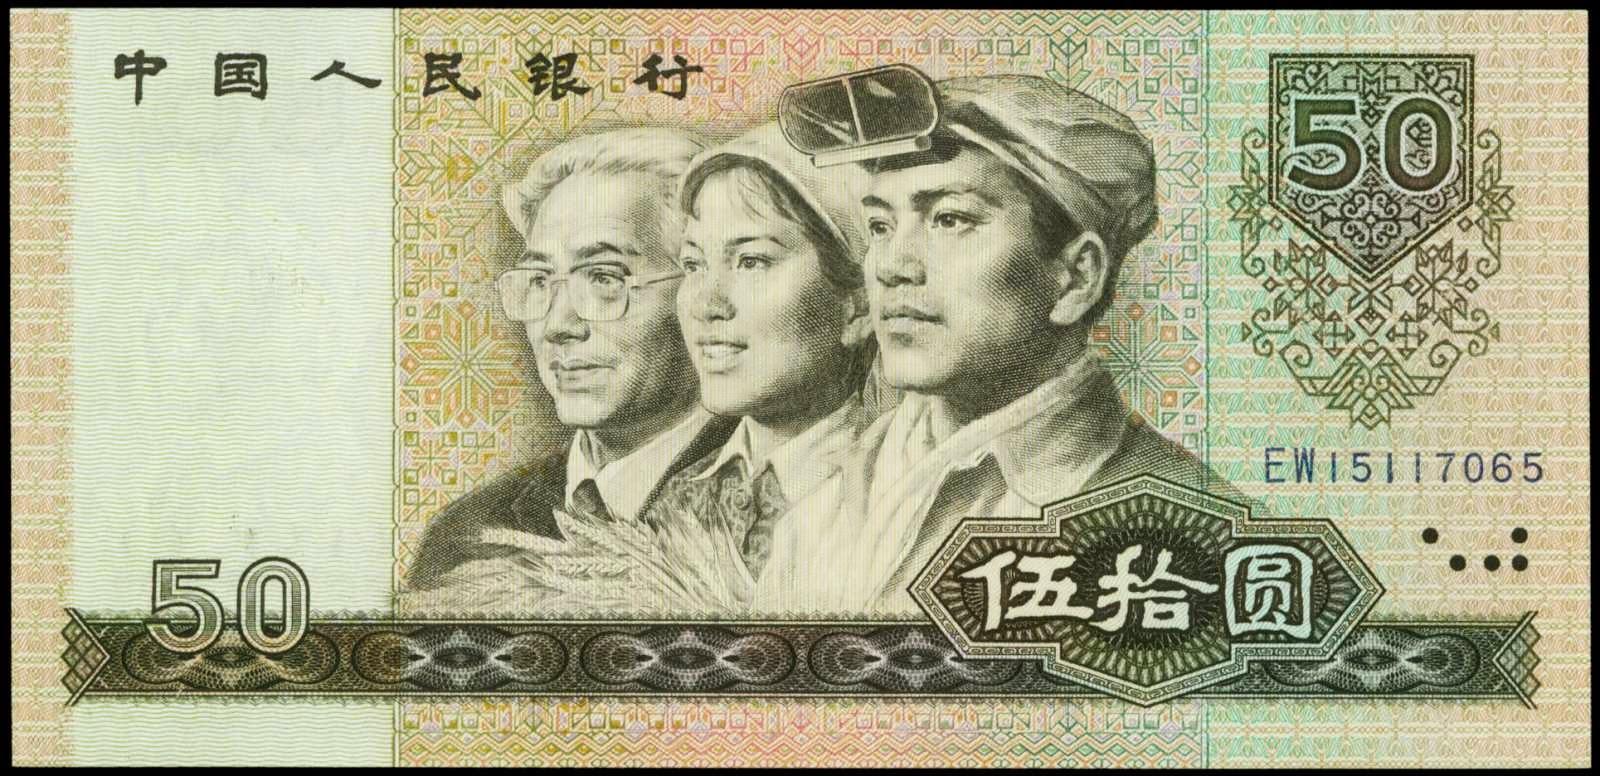 50 Chinese Yuan Renminbi banknote